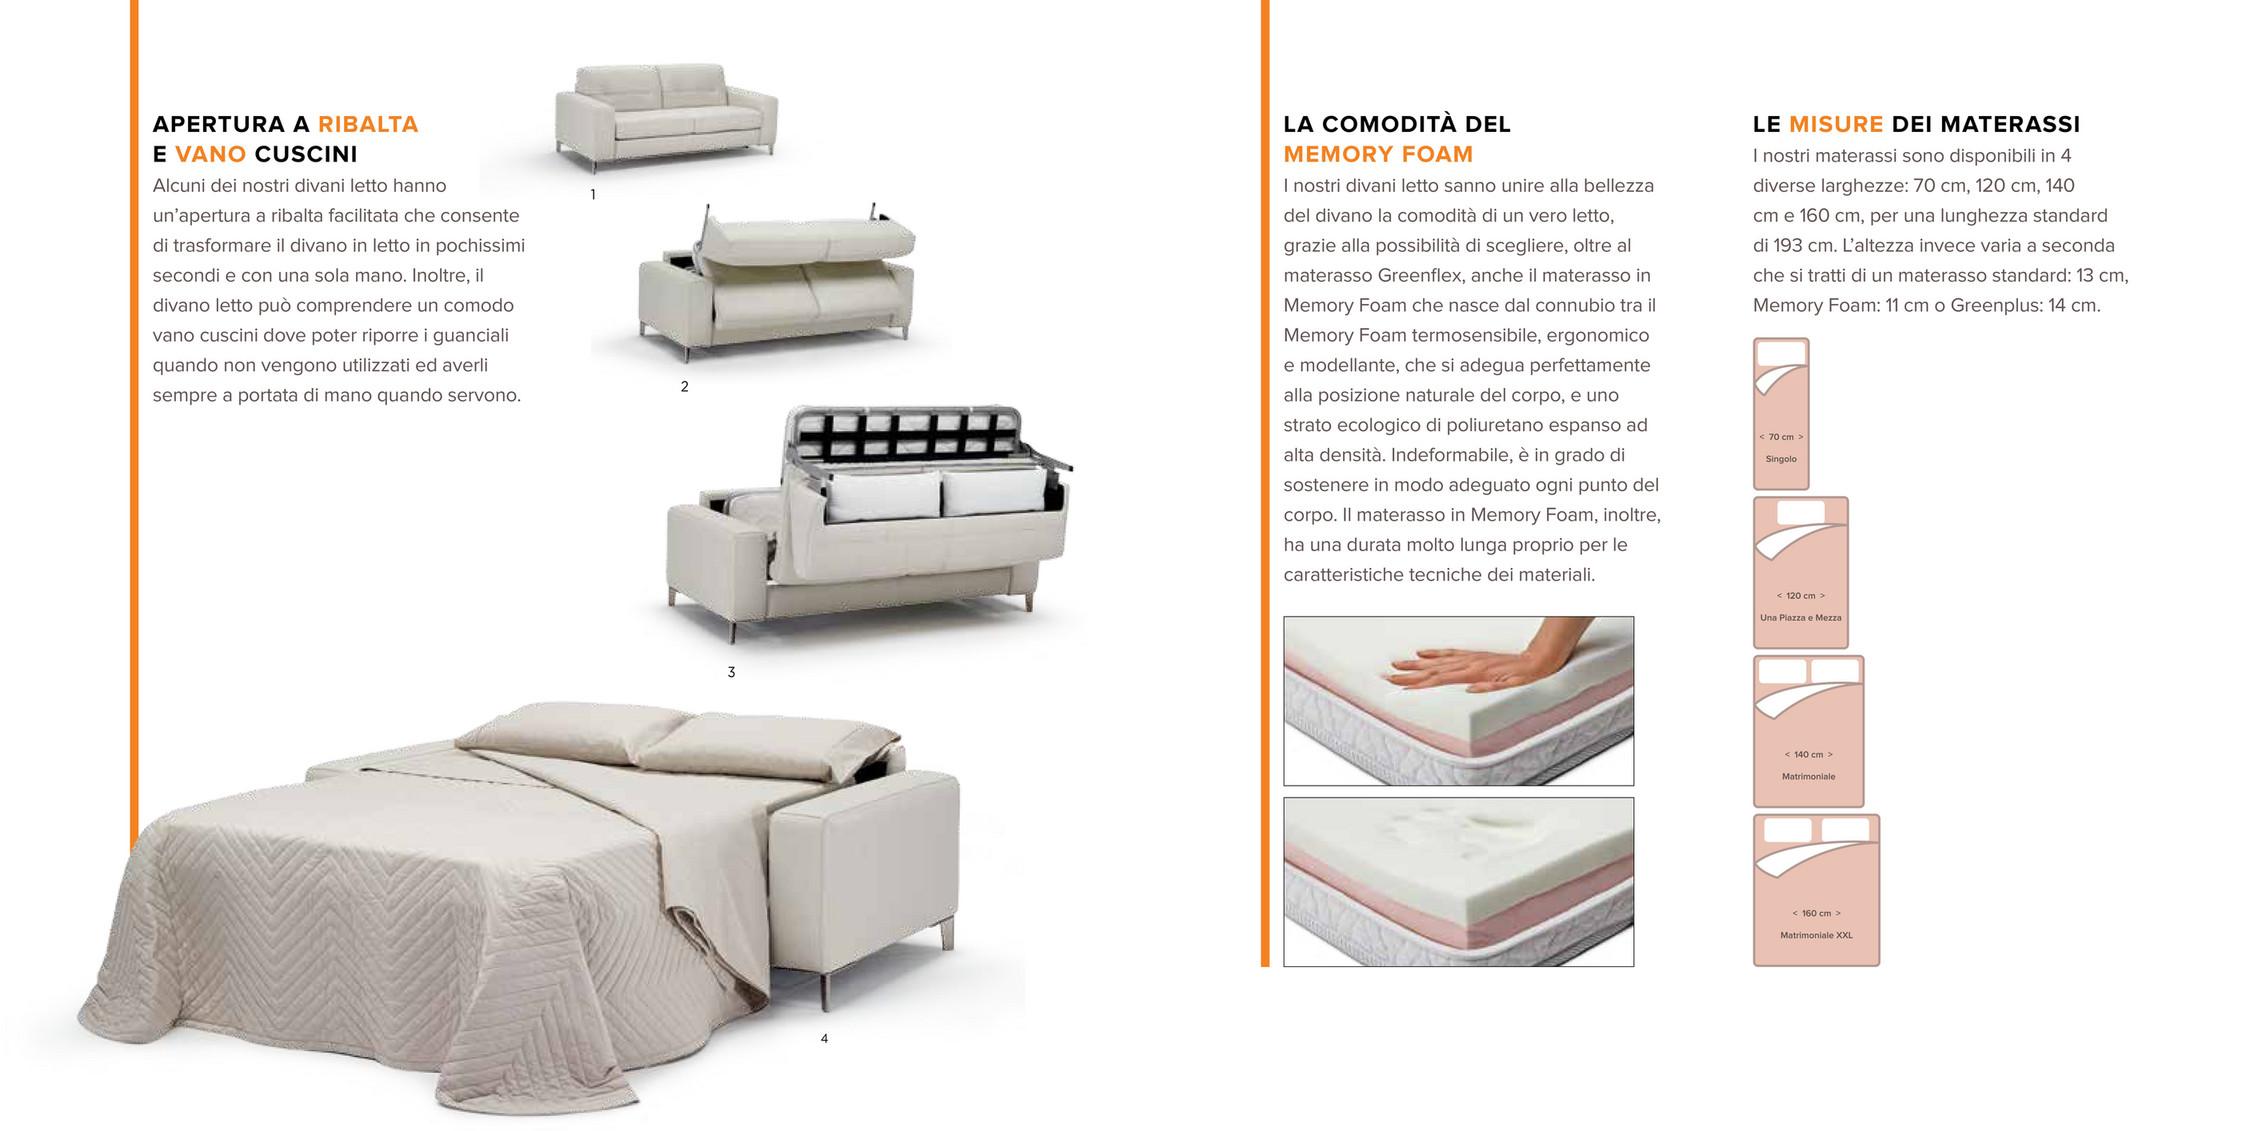 Misure cuscino standard misura standard x cm possiamo - Misure cuscino letto ...